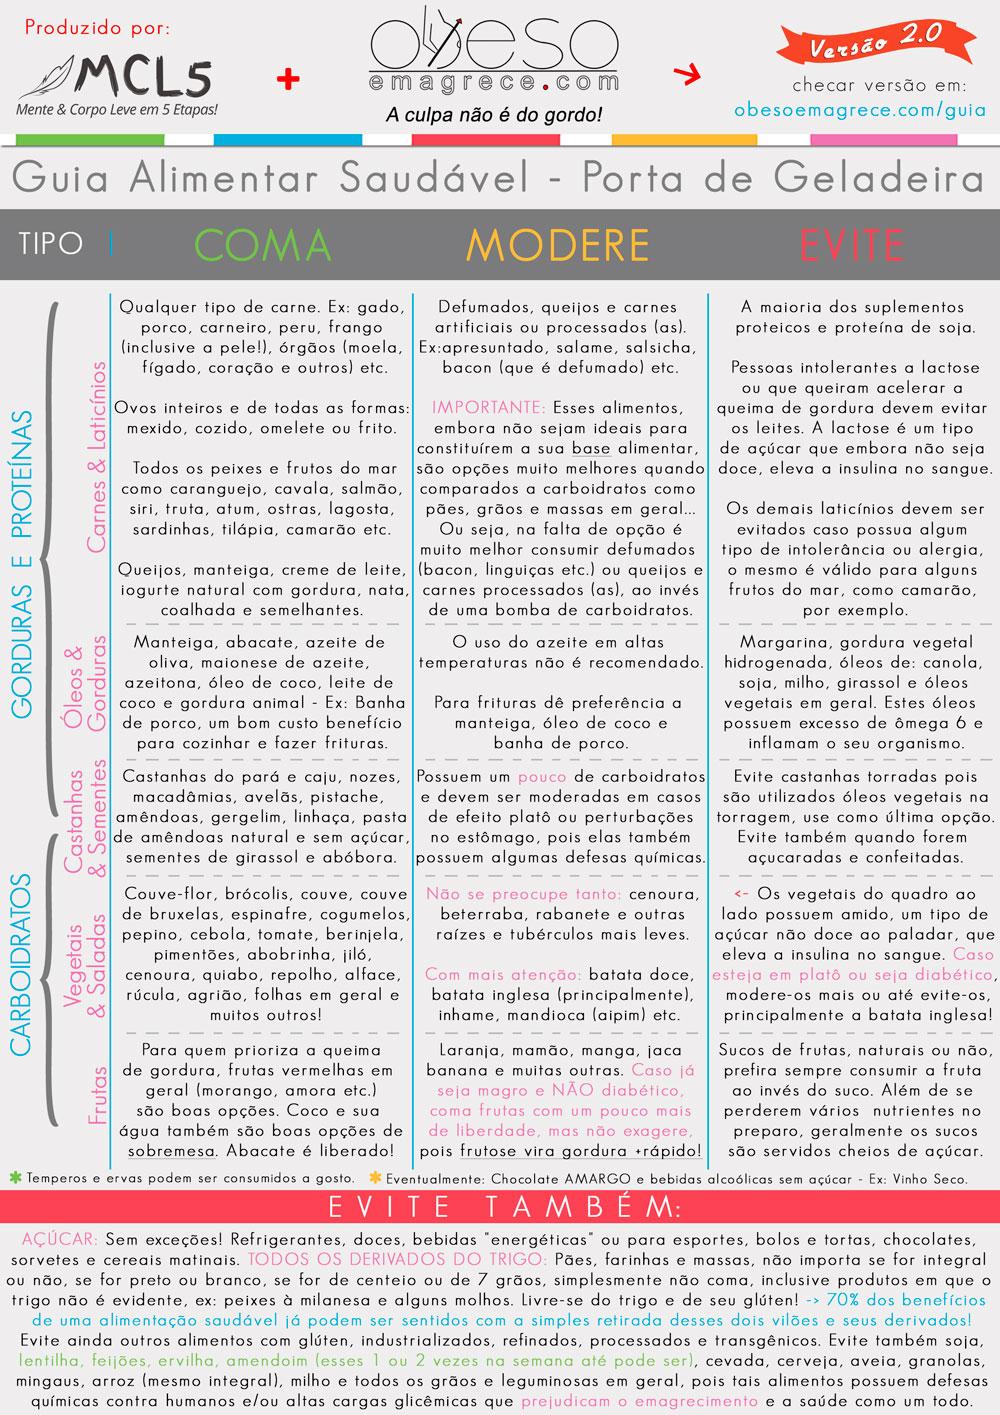 cardápio low carb para emagrecer - infográfico#4: quadro de alimentos coma, modere e evite em tamanho grande